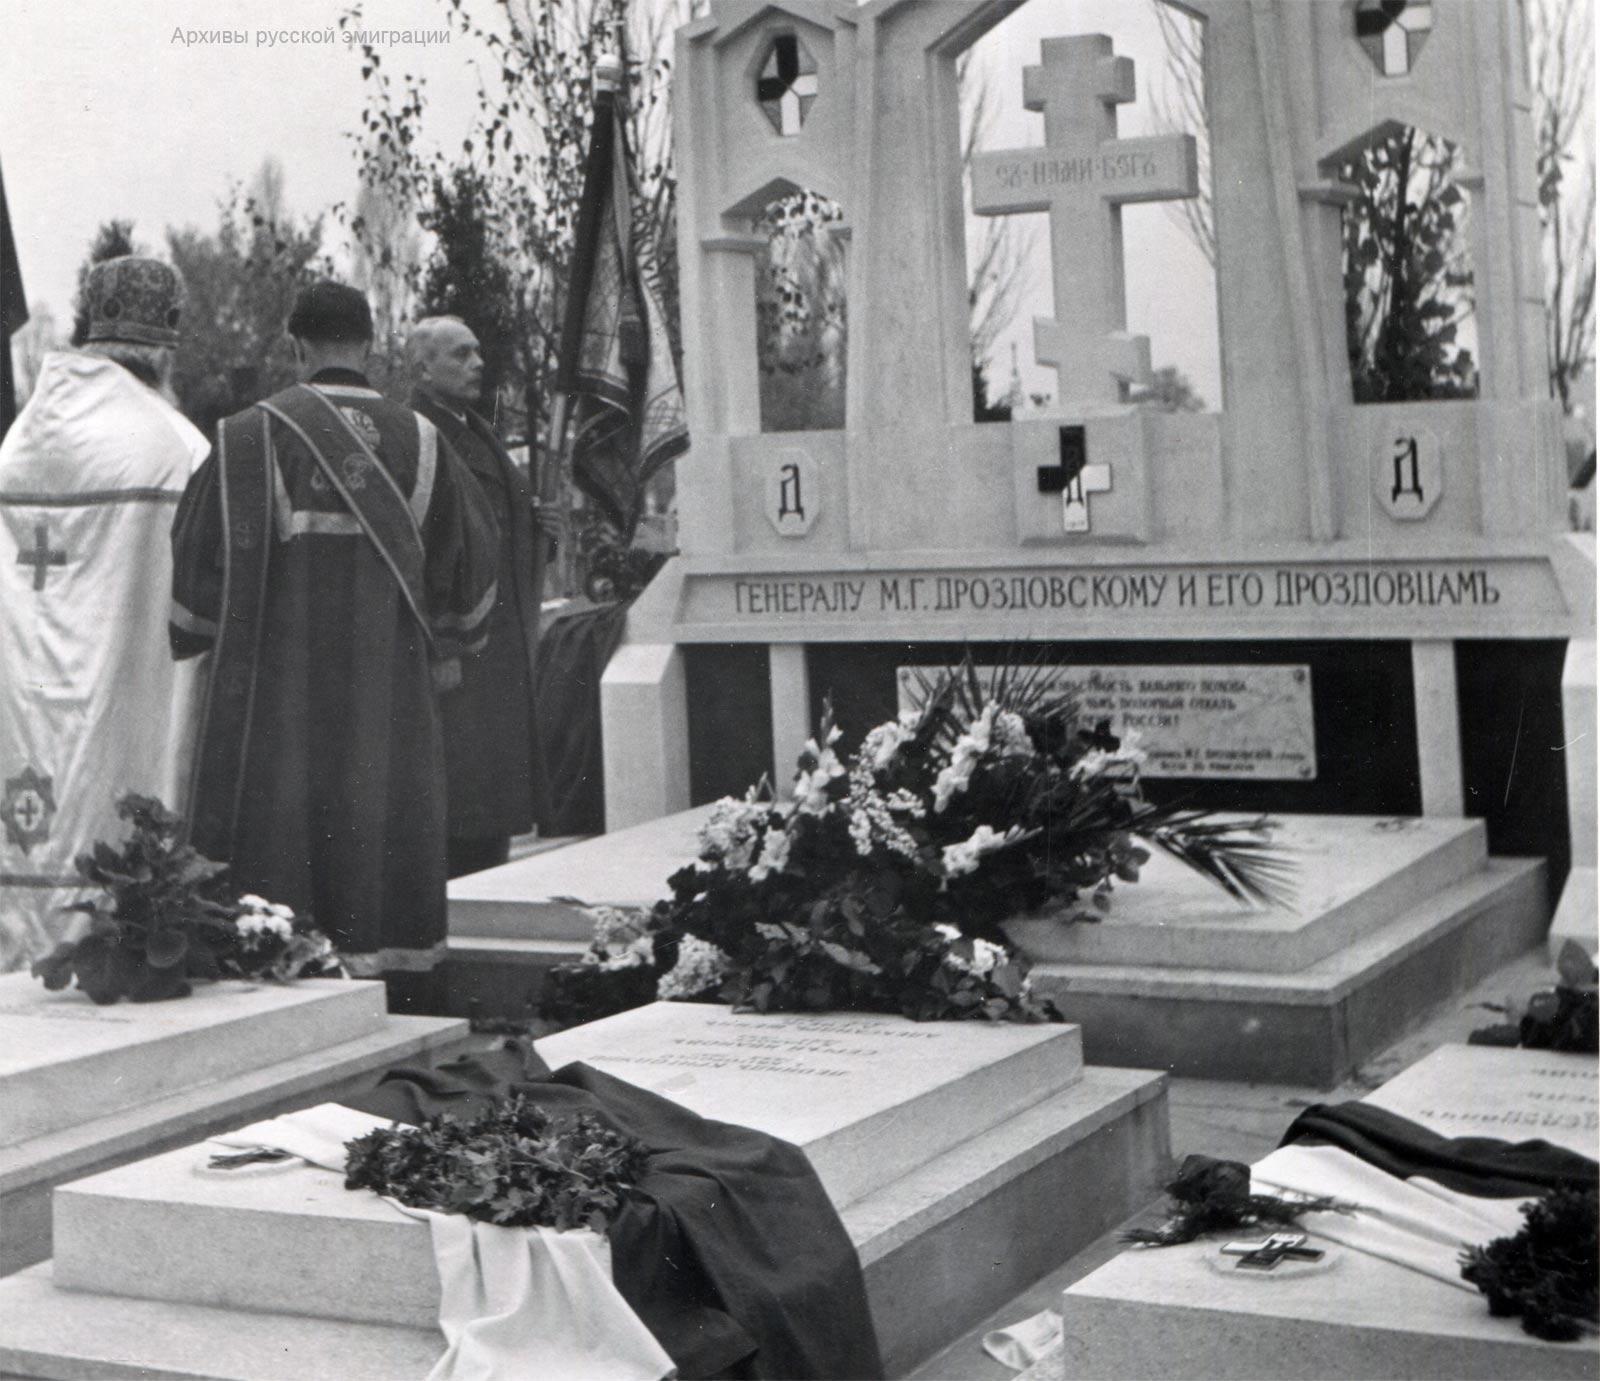 мемориал Дроздовцам в 40-50-е годы